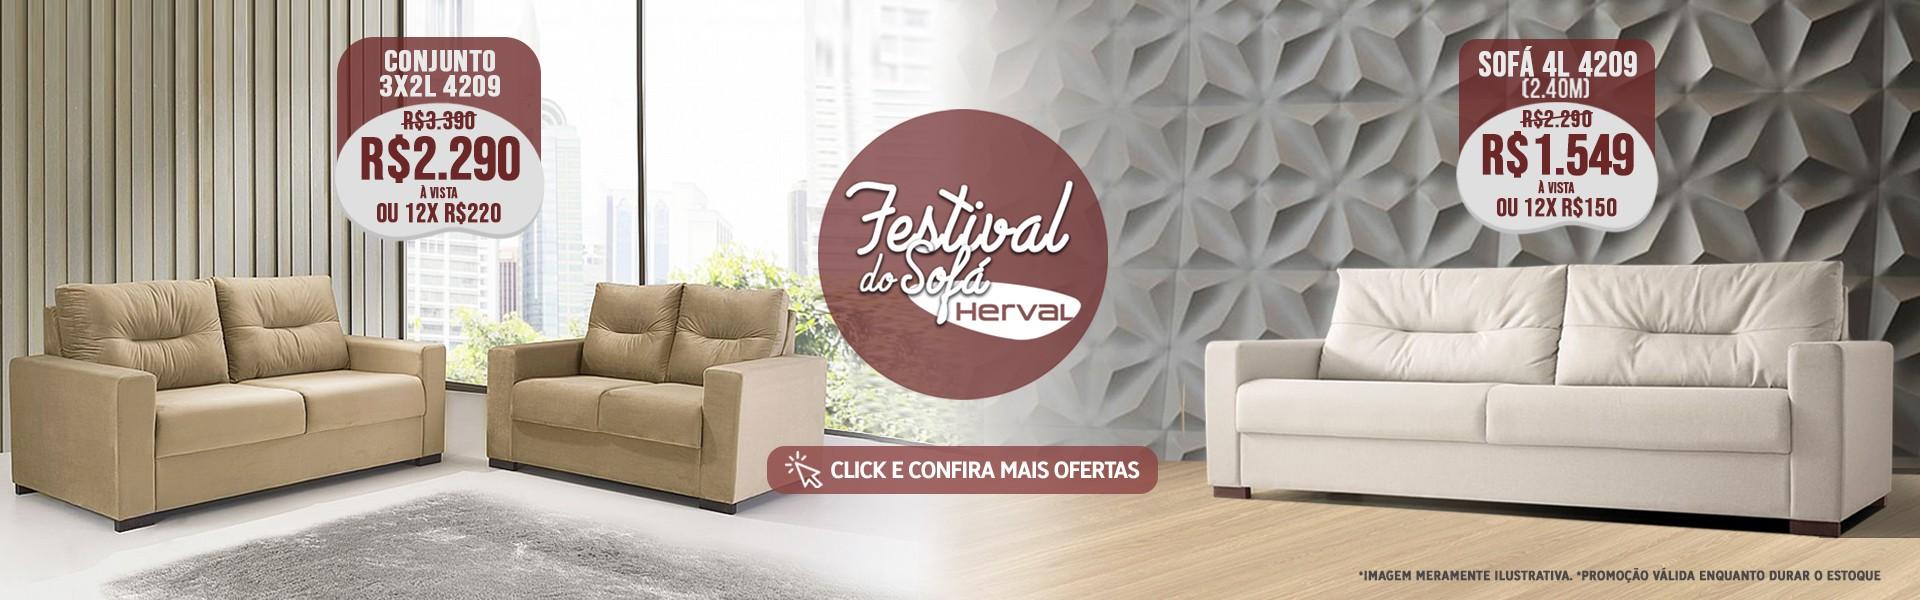 FESTIVAL DO SOFÁ HERVAL